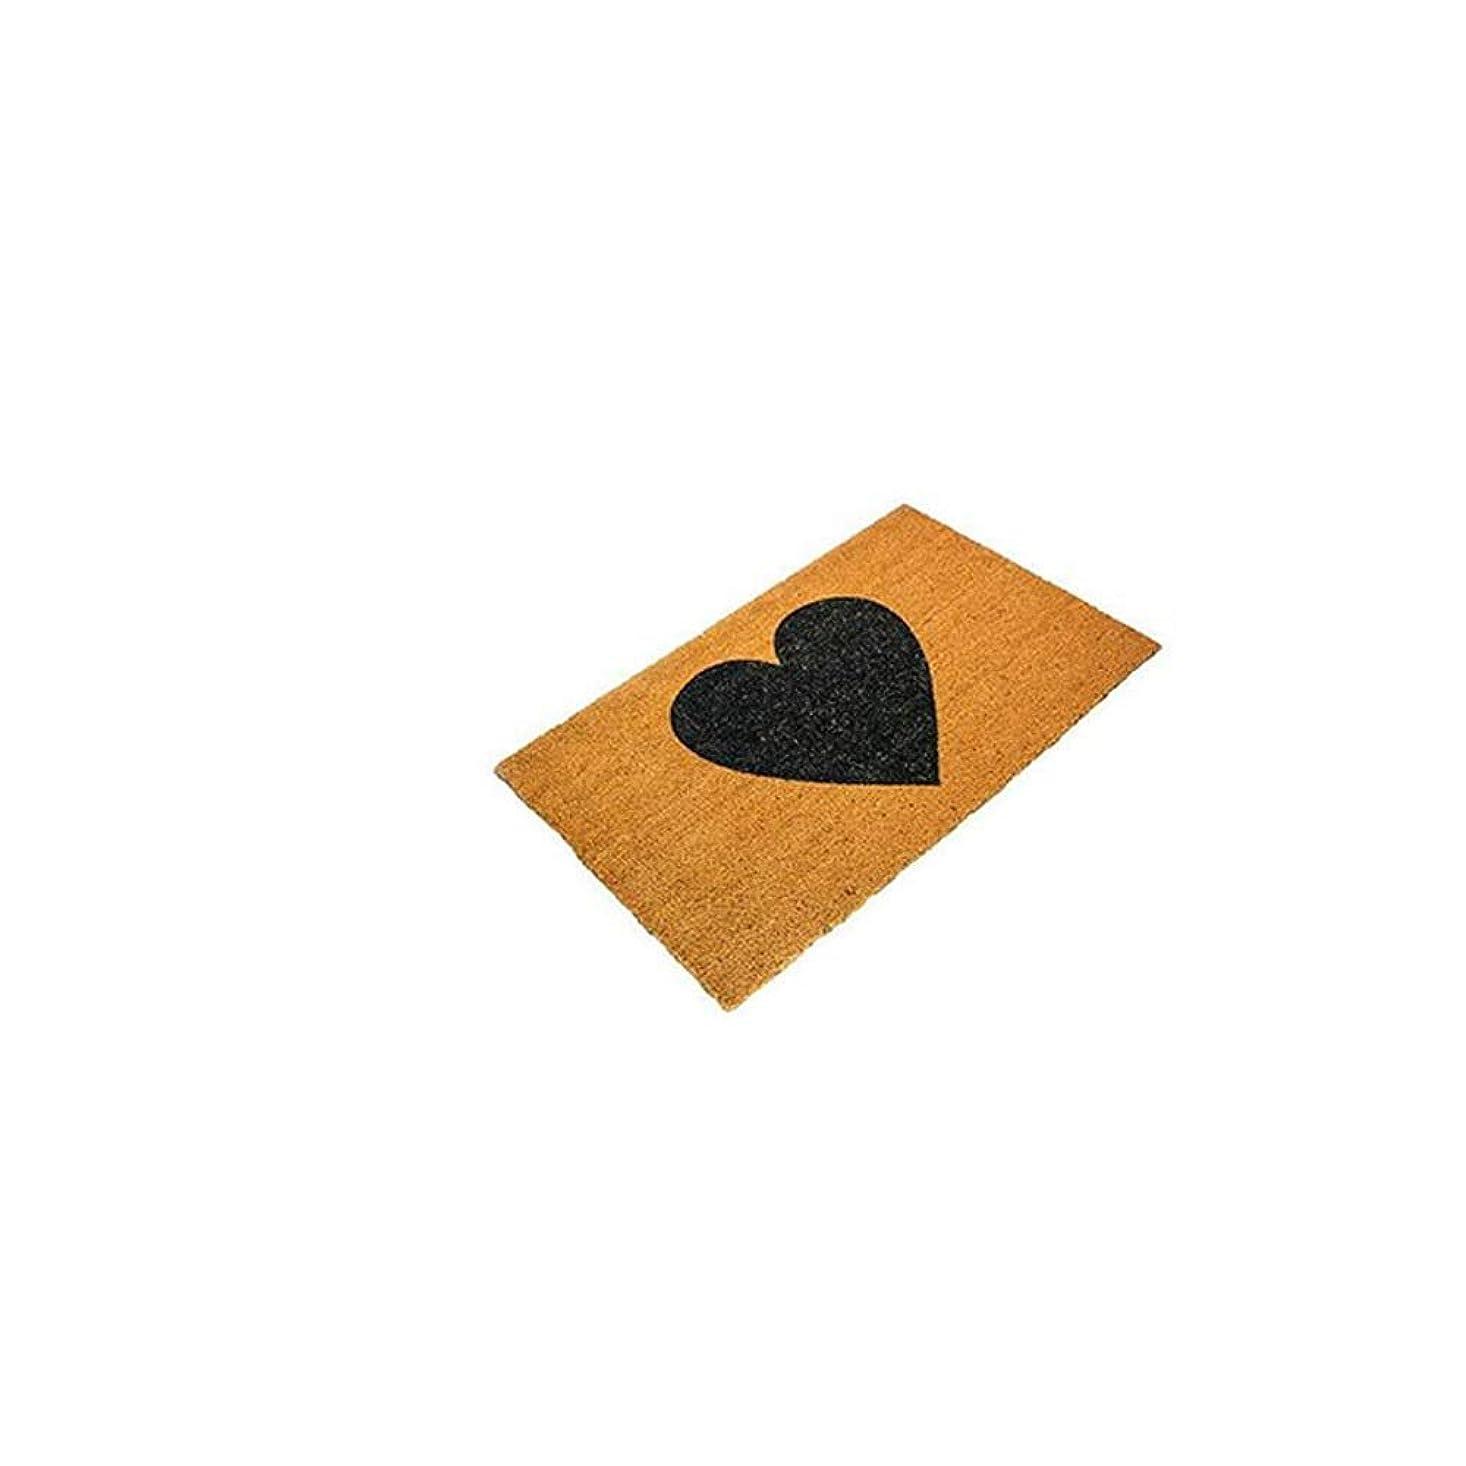 スーダン塗抹誓いカーペット、輸入自然環境保護ココナッツ椰子マットポーチ入り口ドア素朴なハート型マットホワイト/ブラック (色 : ブラック, サイズ さいず : 60x90cm)